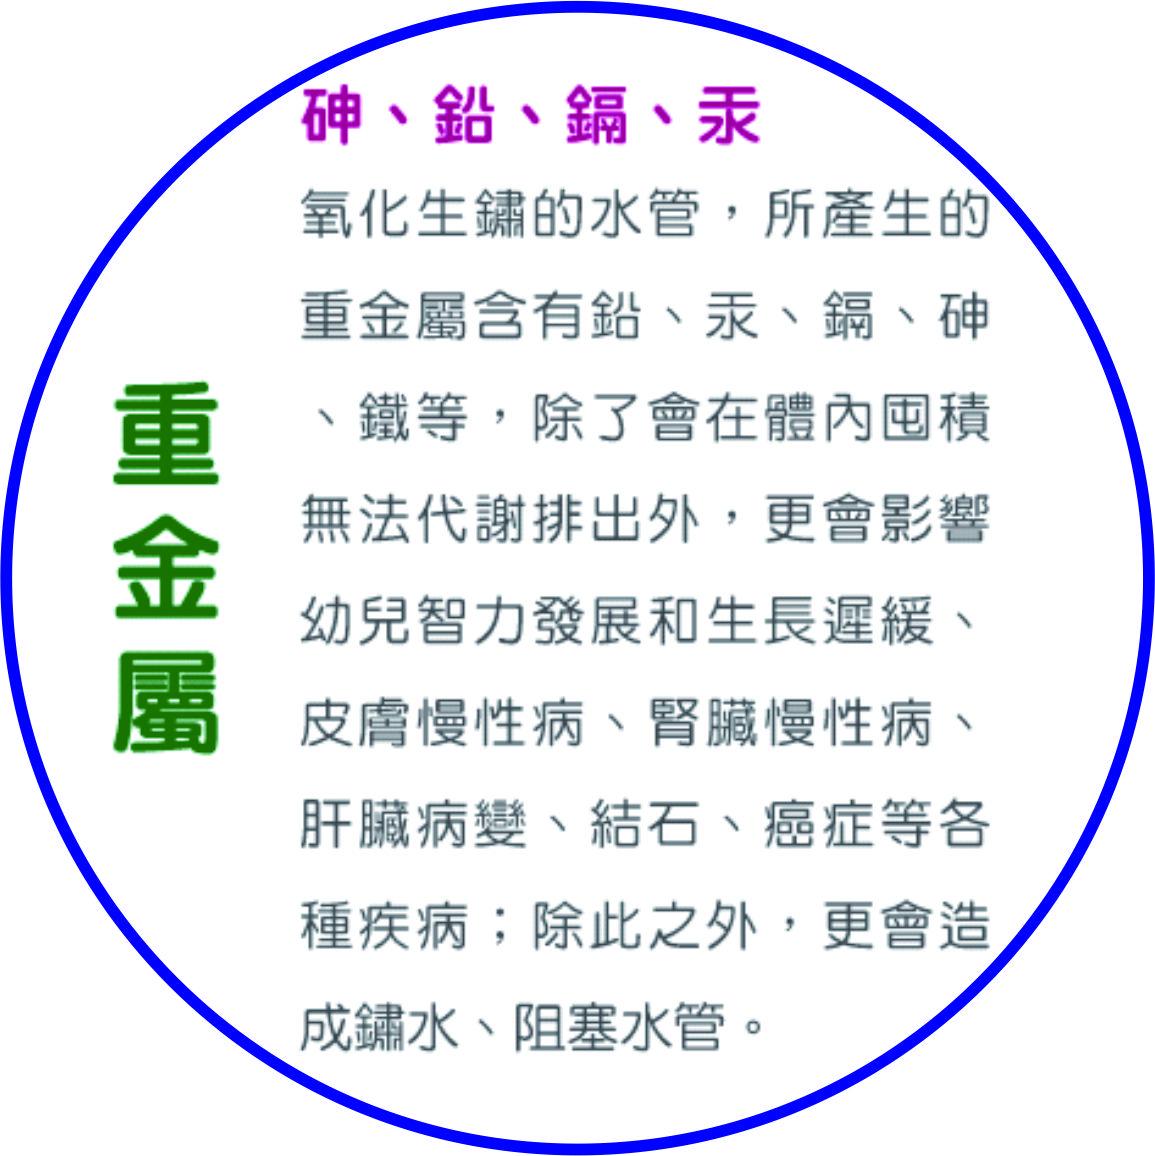 三項警示只標 (3).jpg